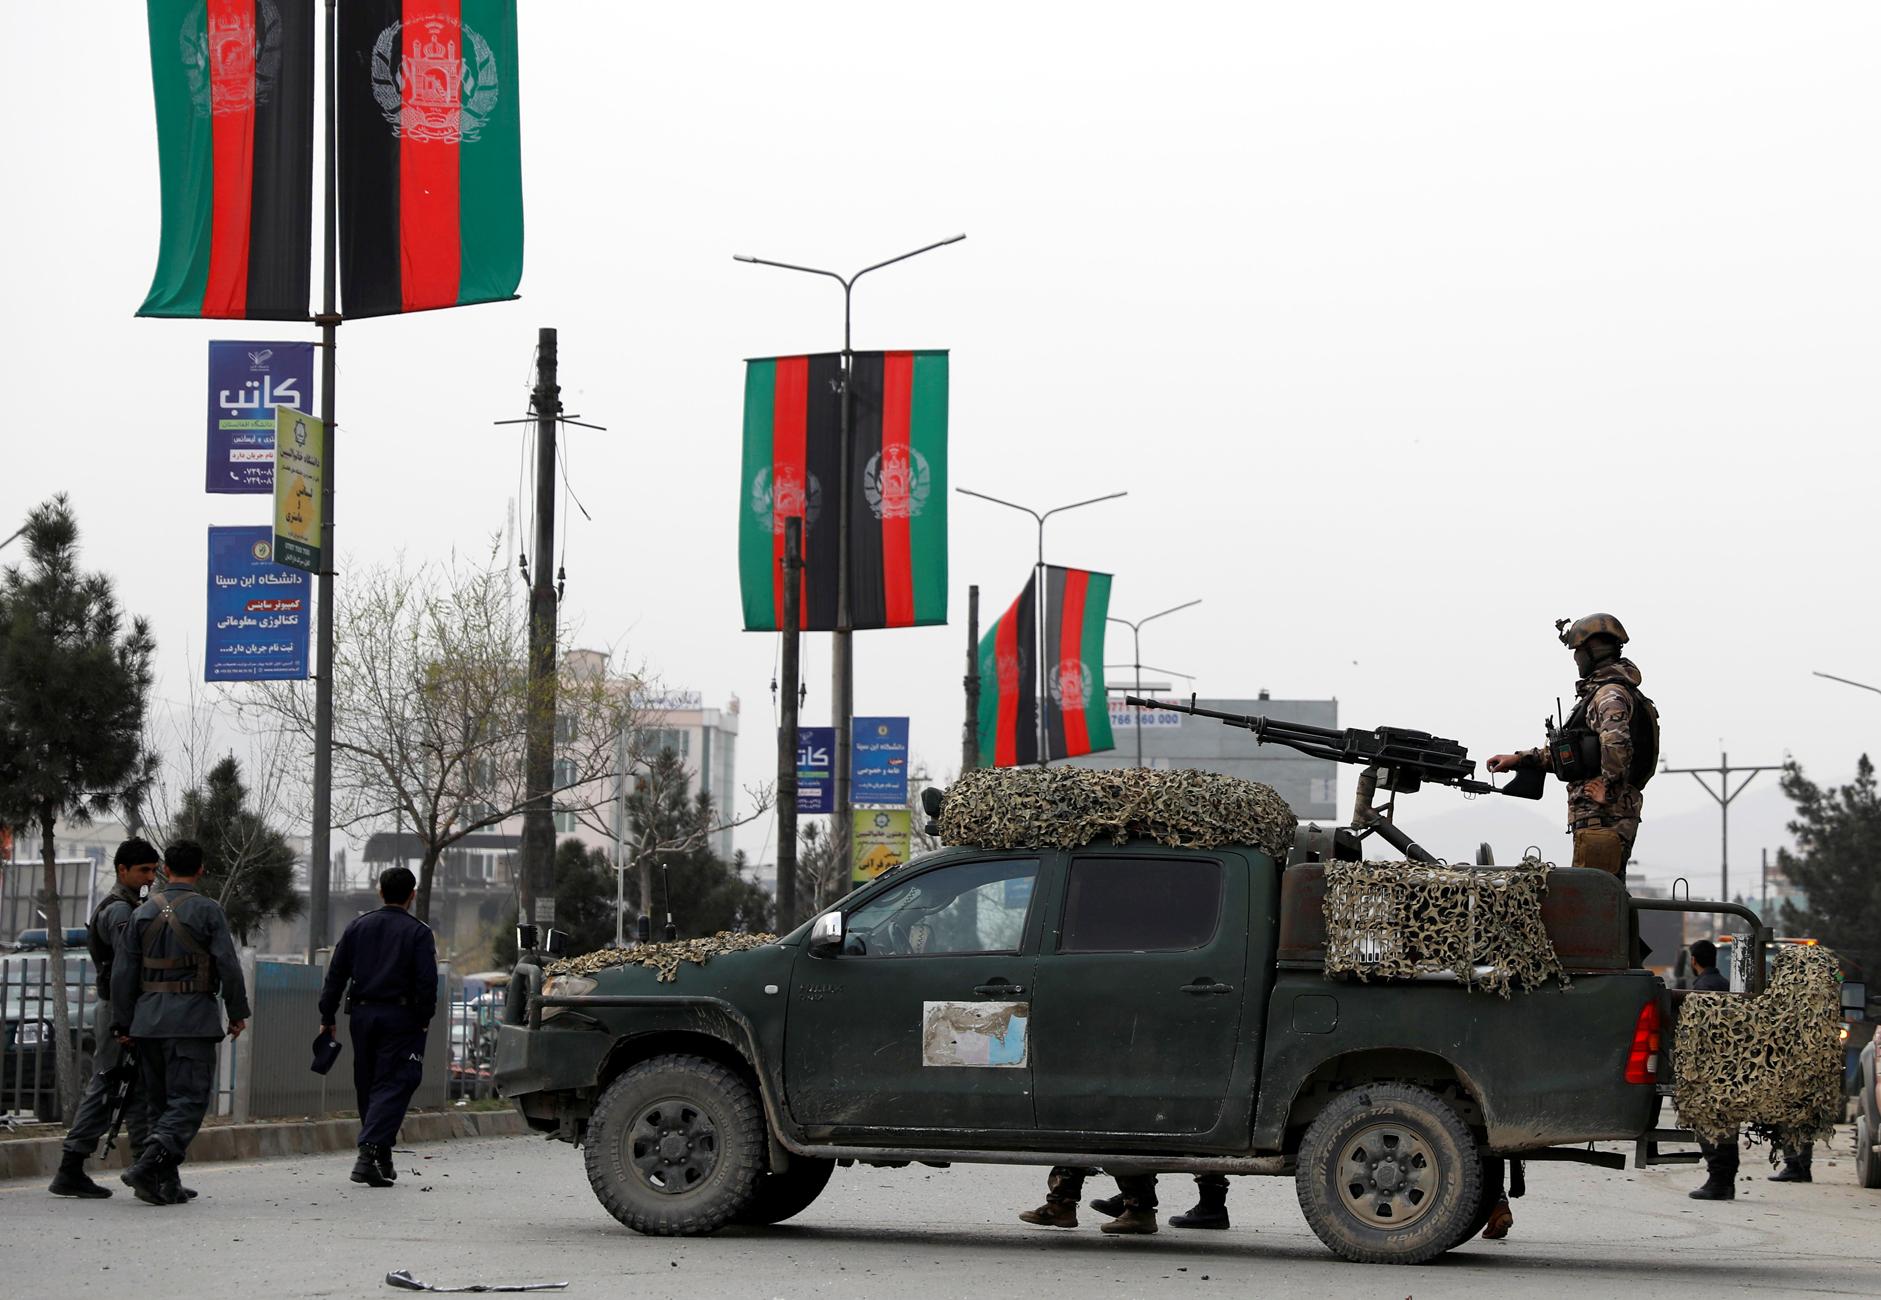 Αφγανιστάν: Κίνδυνος να την καταλάβουν οι Ταλιμπάν αν αποχωρήσουν οι ΗΠΑ